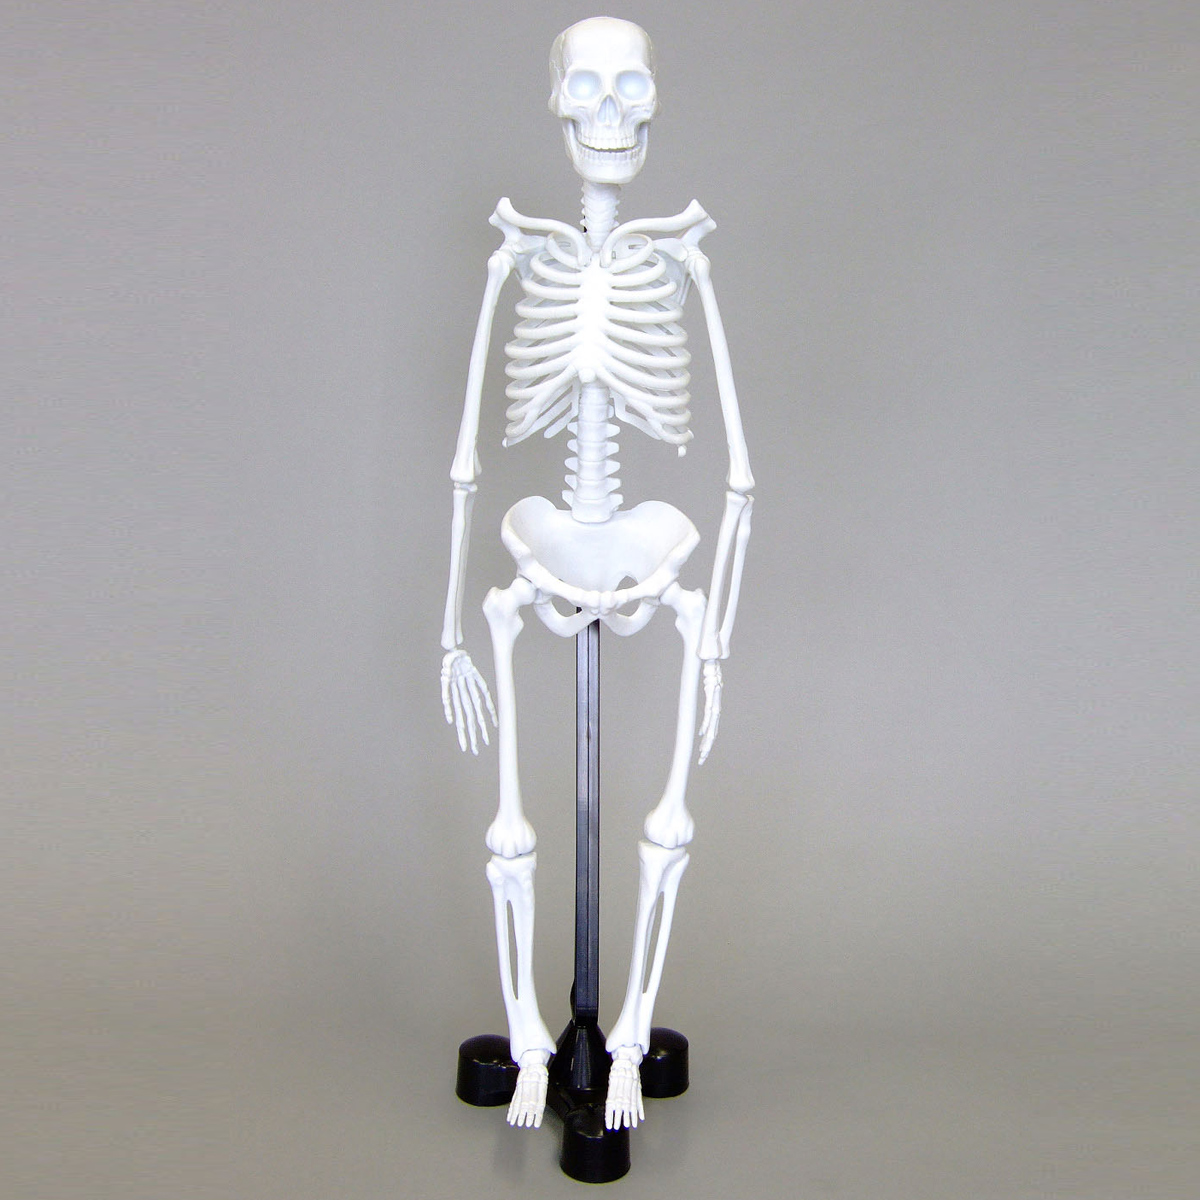 人体模型 全身 骨 46cm スタンド付き 骨格モデル おもちゃ ミニ 理科 科学 教材 小学生 全身標本 体の仕組み クリスマスプレゼント